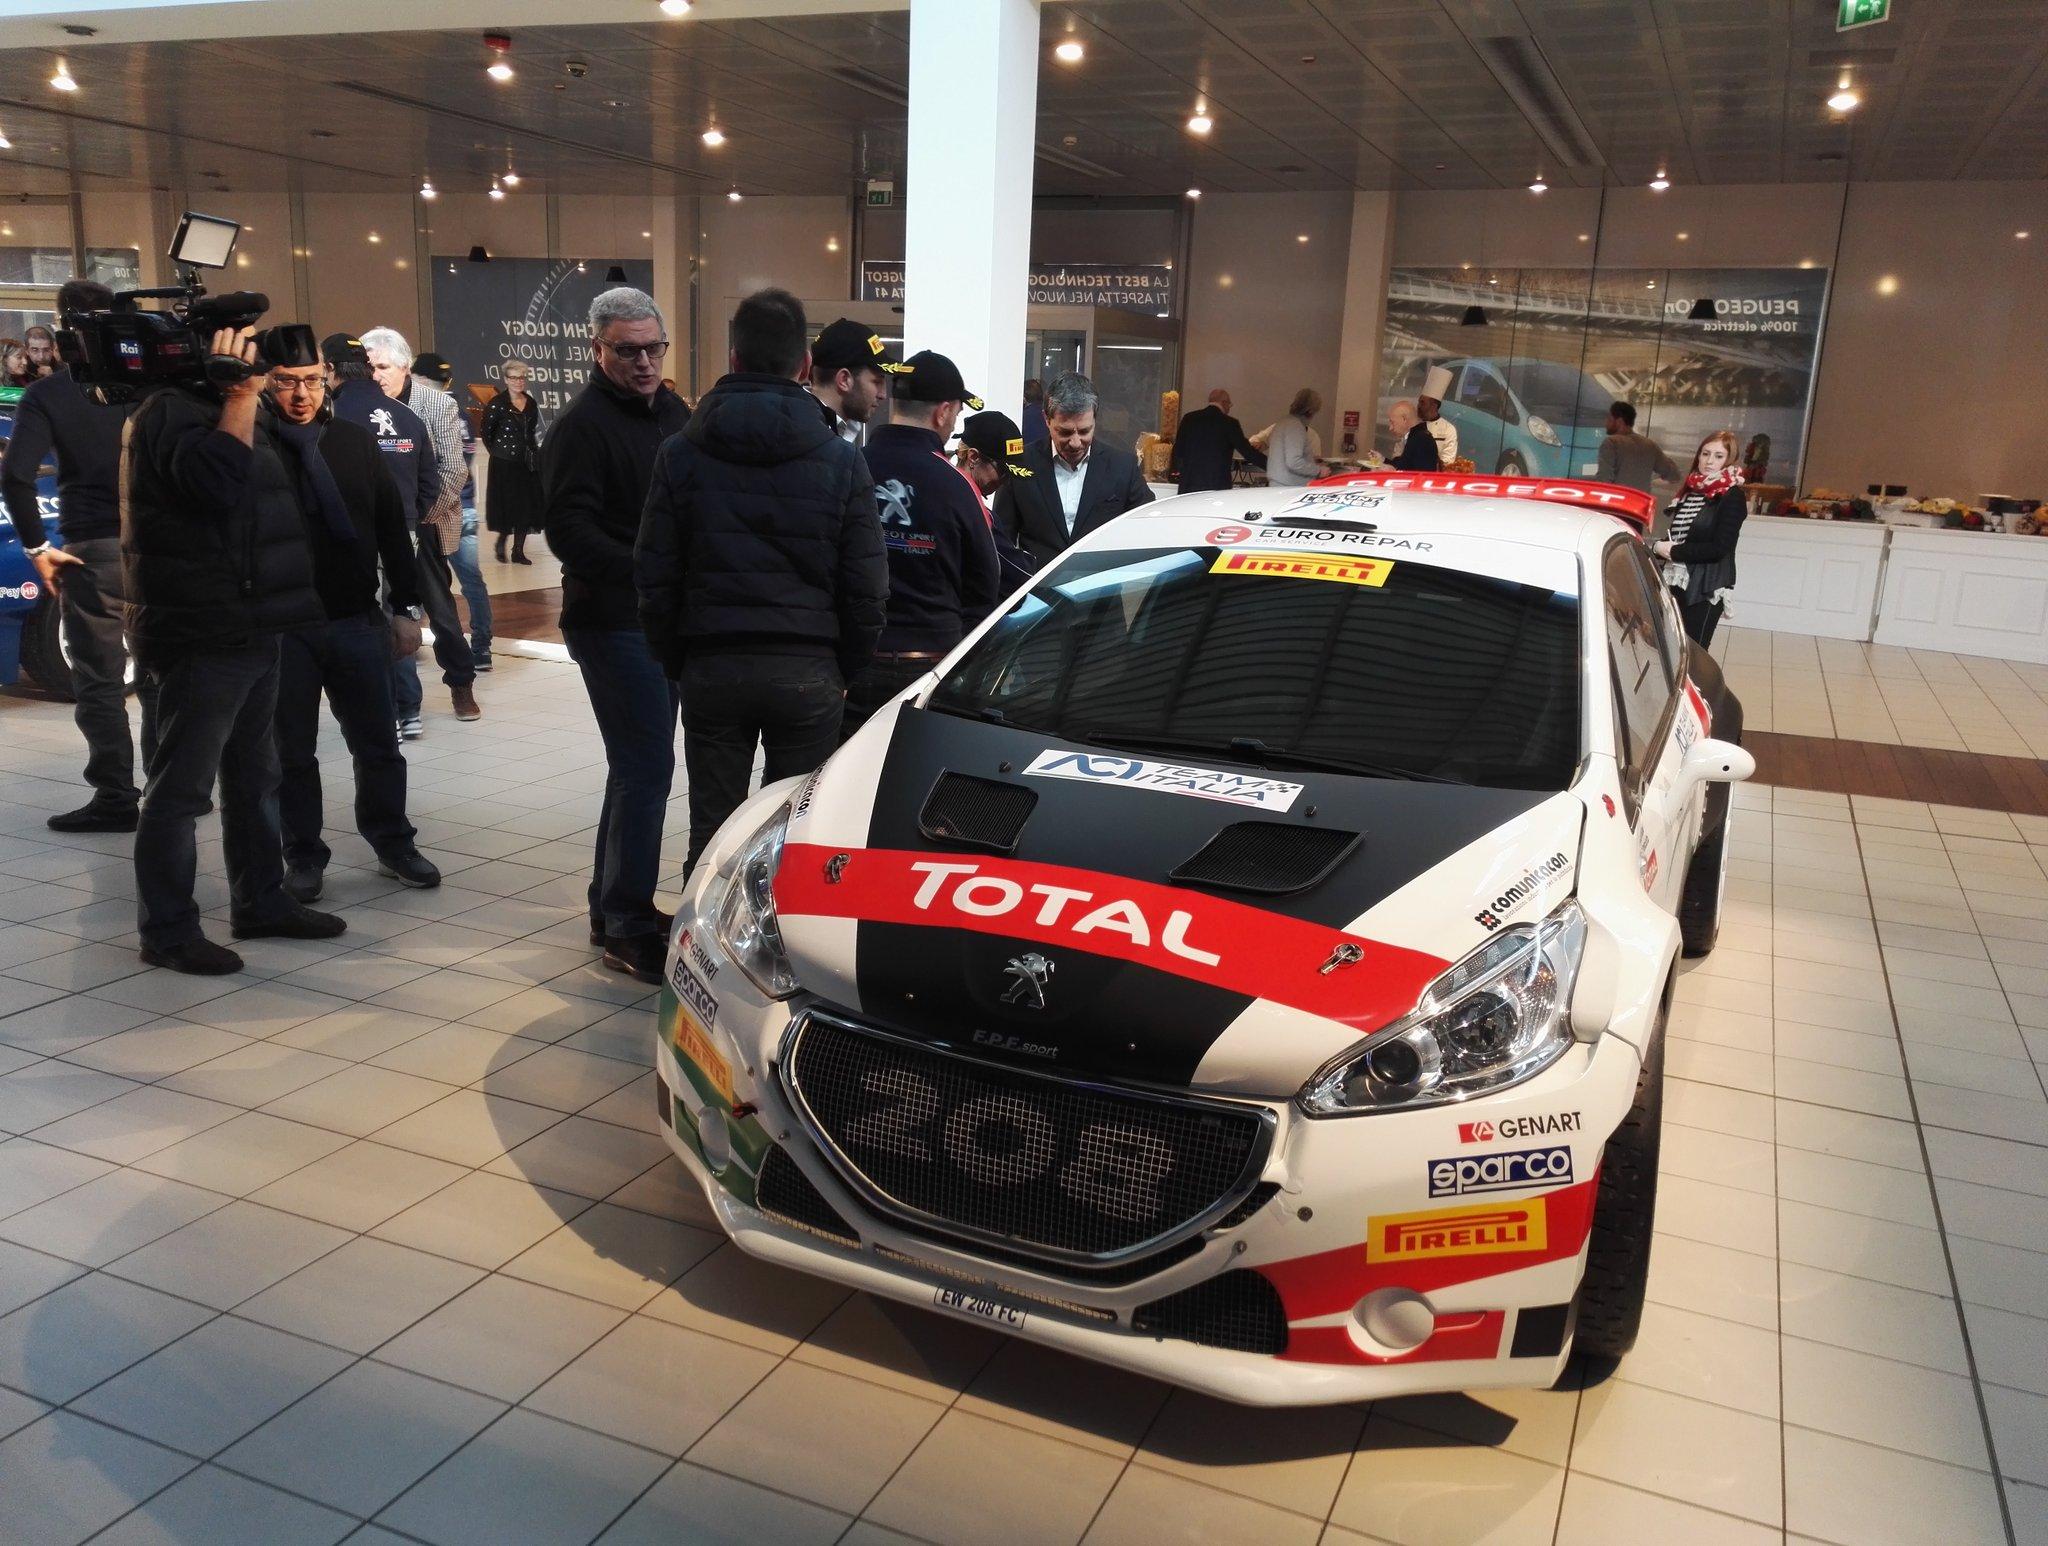 Nacionales de Rallyes Europeos(y no Europeos) 2018: Información y novedades - Página 4 DXCqrayXcAA8B8Q